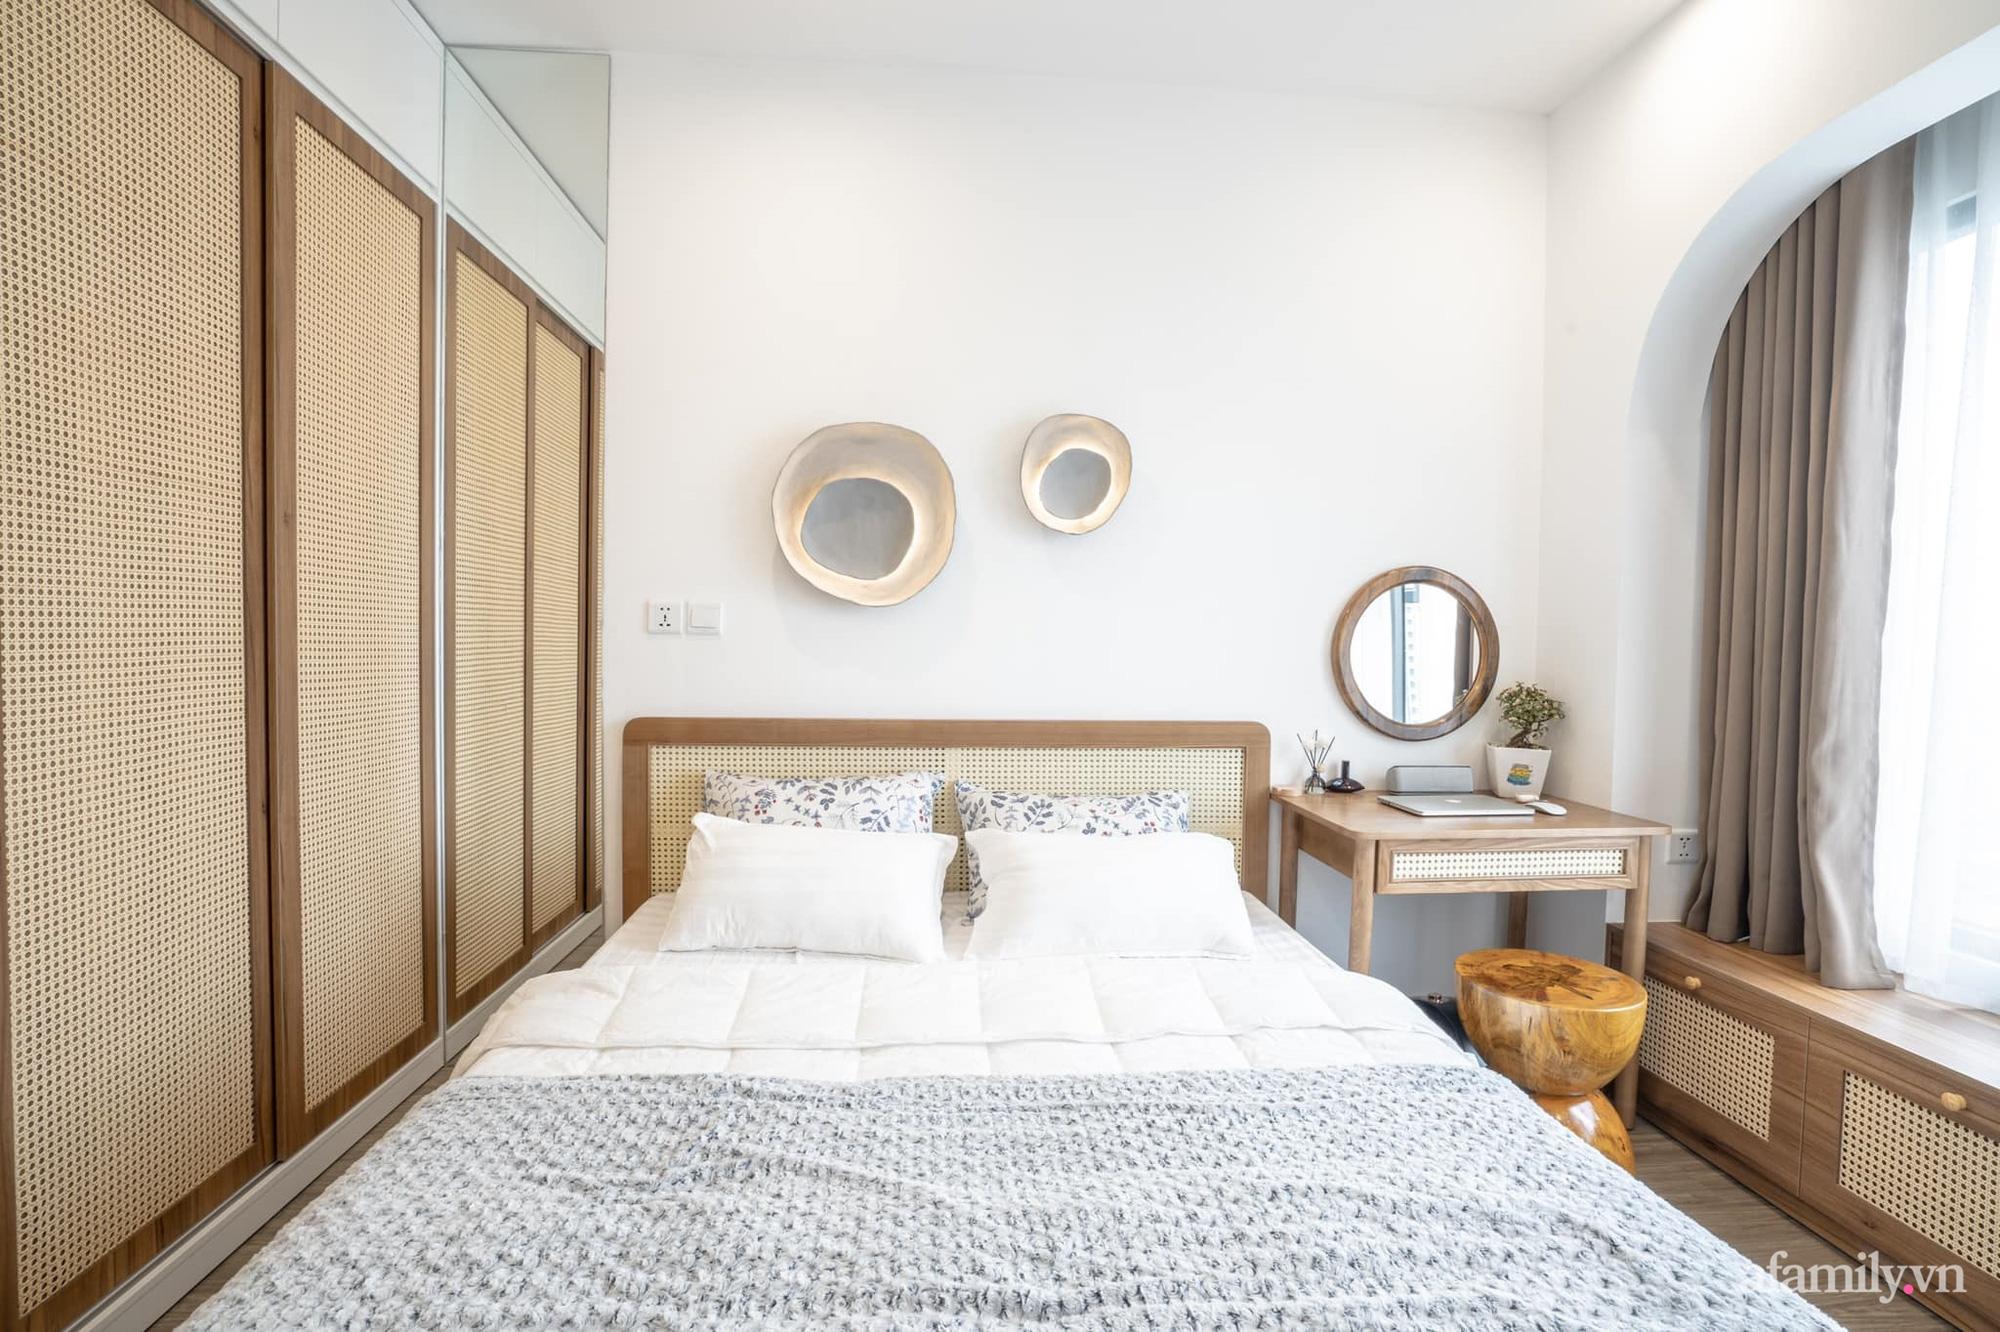 Căn hộ 54m² với nội thất tối giản theo tone vàng nâu đẹp đến từng centimet của cô nàng độc thân tại Hà Nội - Ảnh 10.